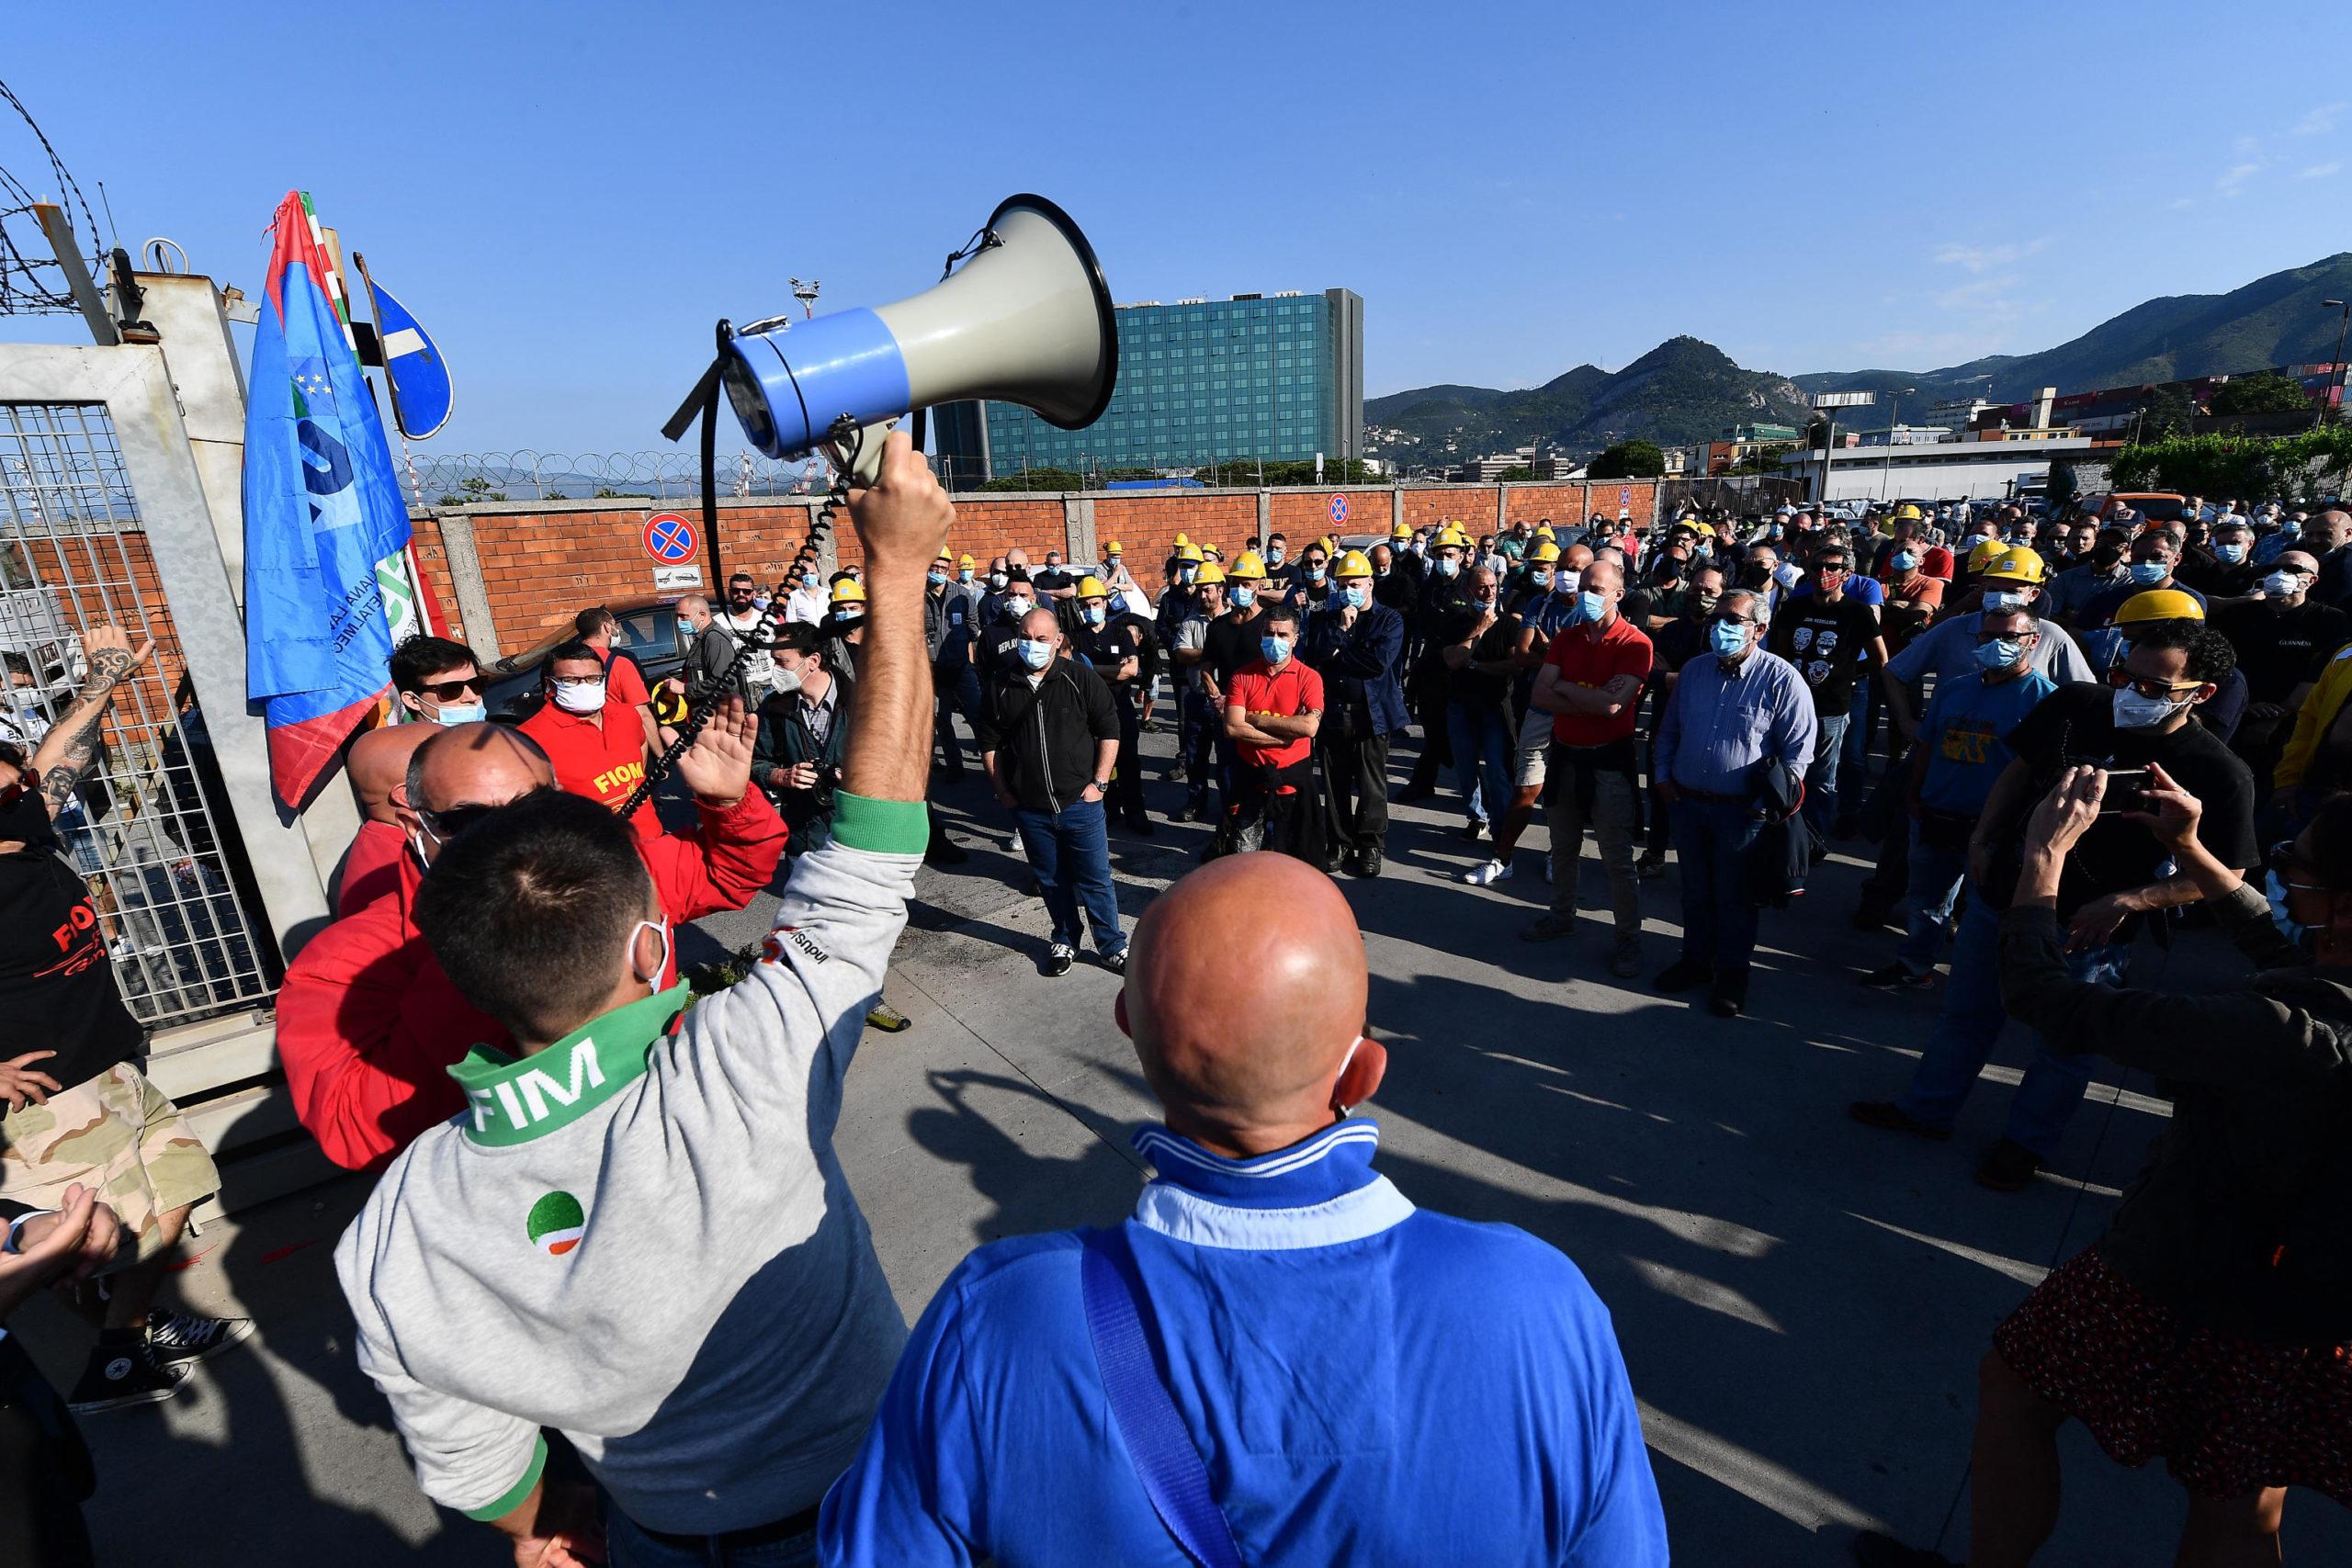 Lavoratori e sindacalisti denunciano la mancanza di dialogo con i vertici dell'azienda